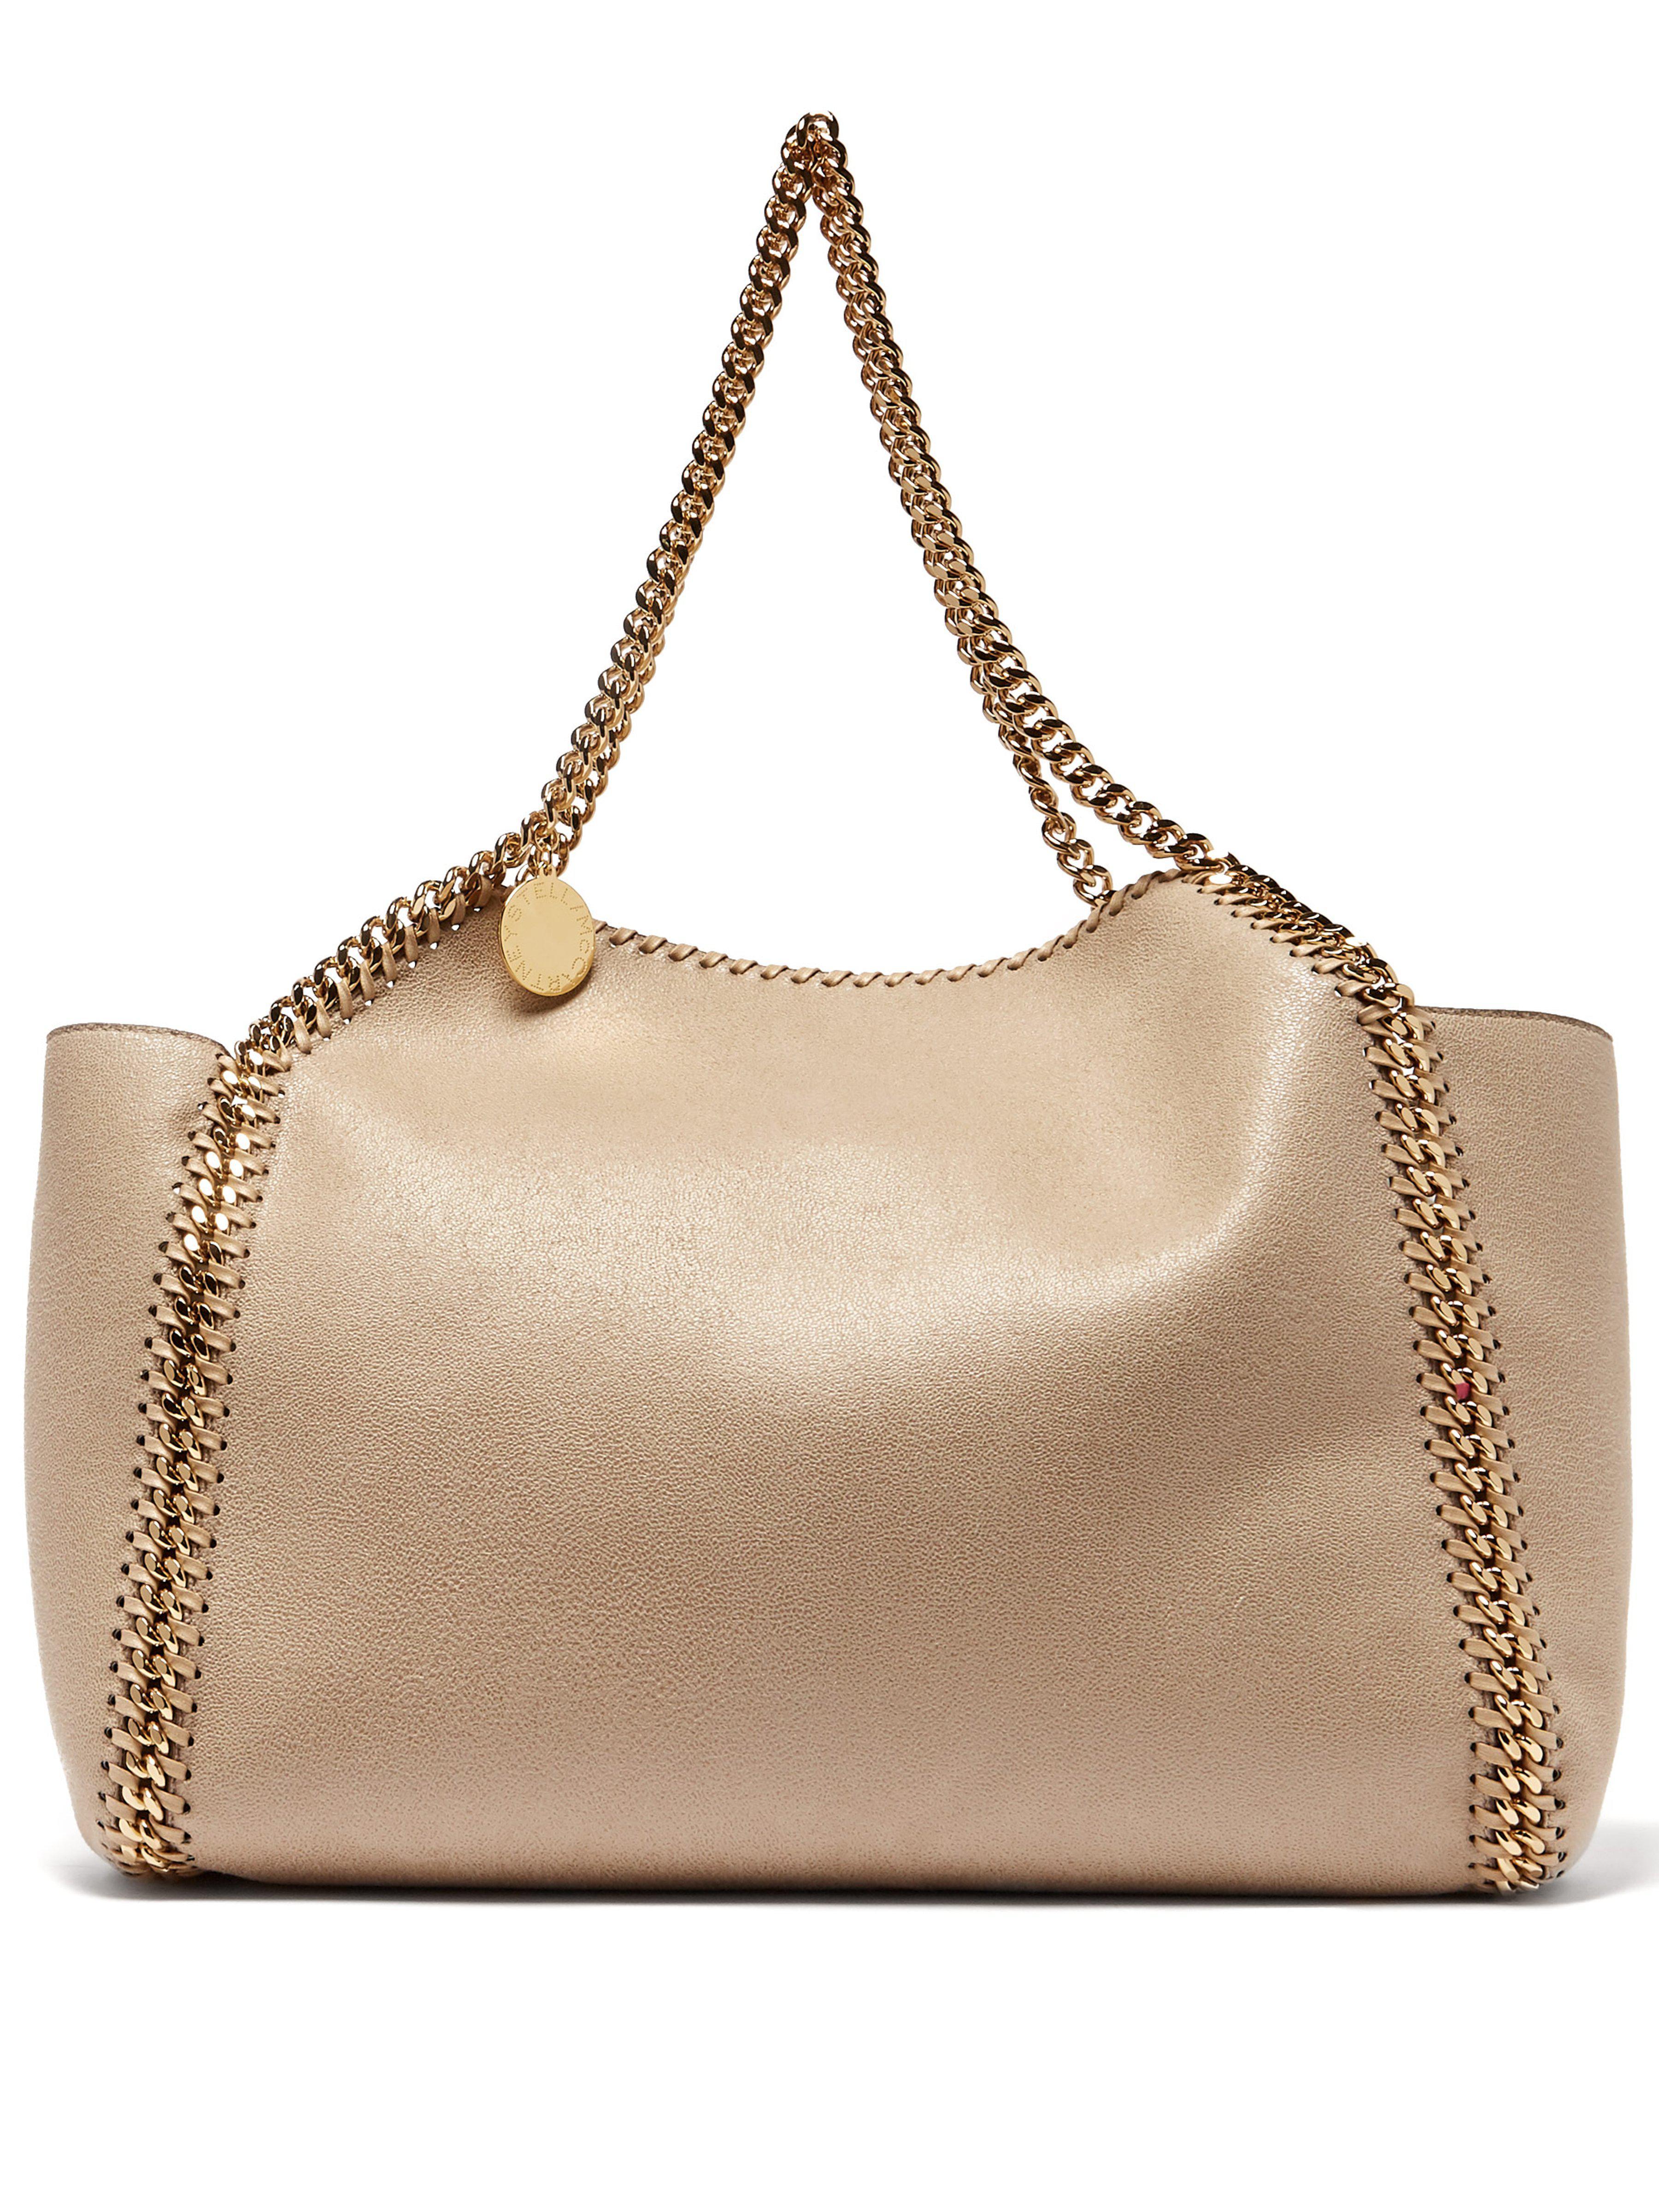 de56bacc8e88 Stella McCartney Falabella Small Reversible Faux Leather Tote in ...